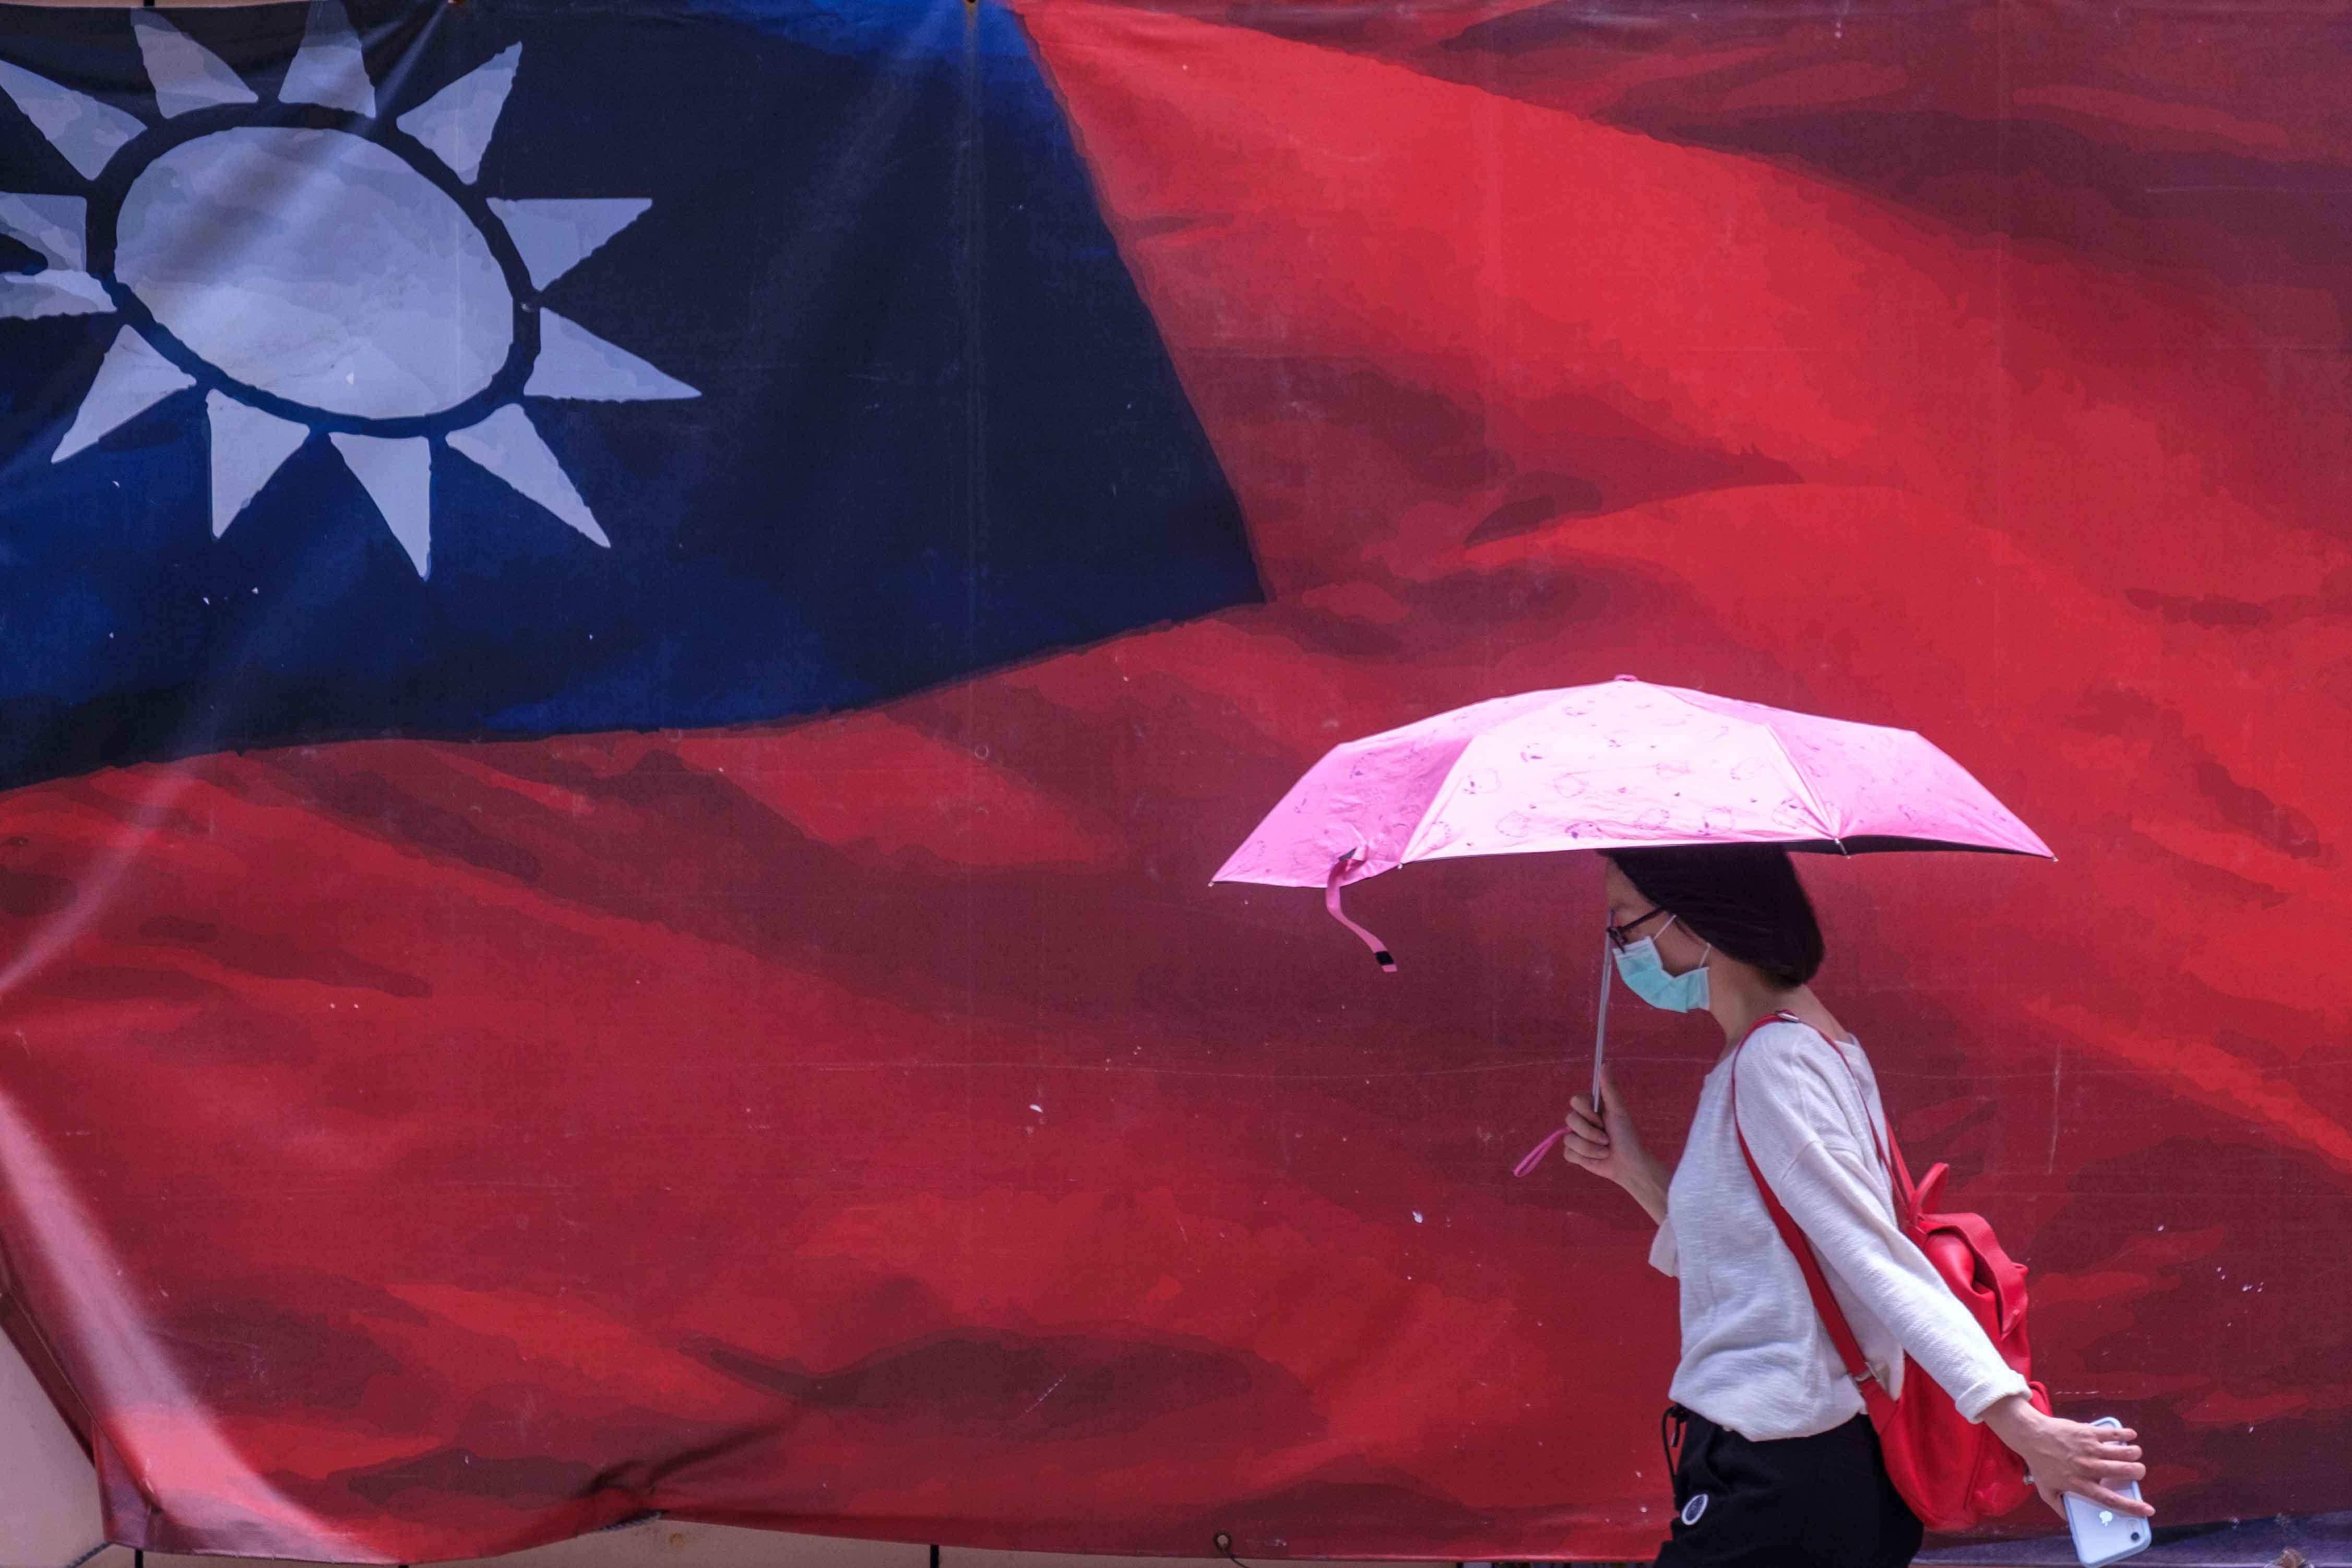 2021年7月19日台灣台北,一名戴著口罩拿著雨傘的婦女走過台灣國旗。